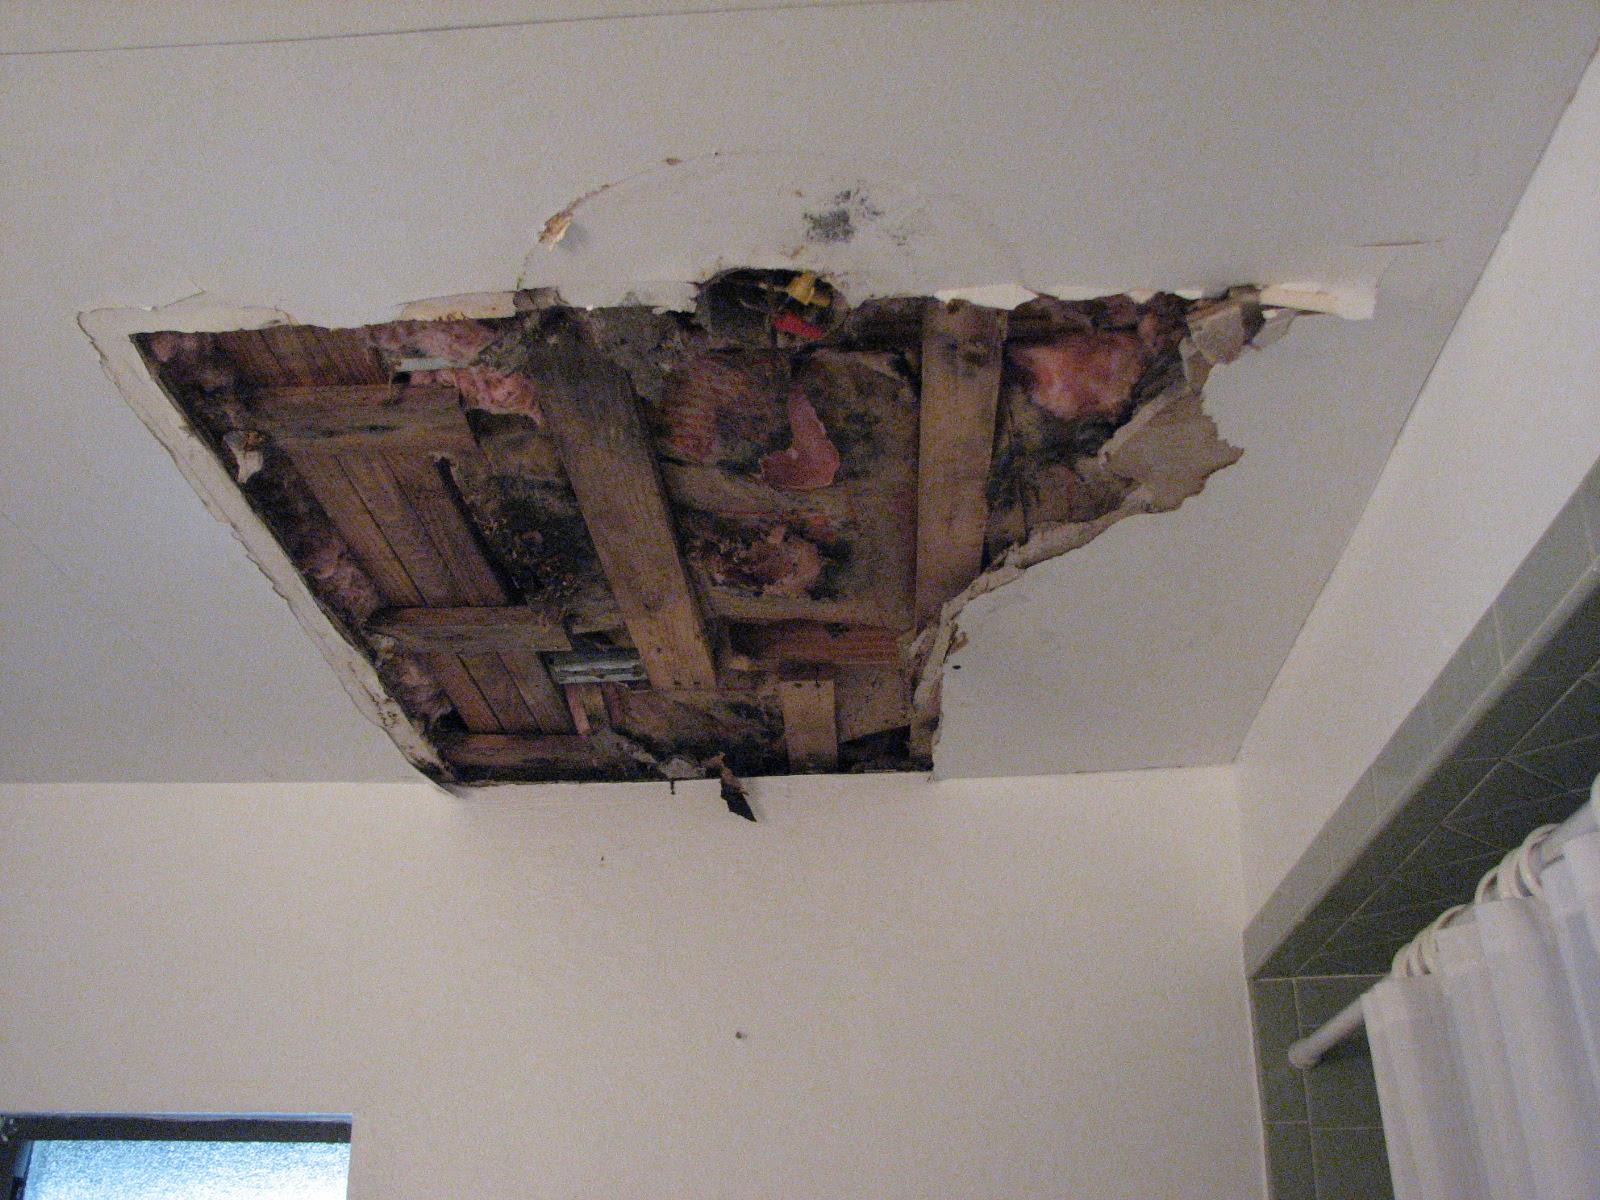 Ceiling Repair Melbourne,Fl  Drywall repair  Water Damage  Textures